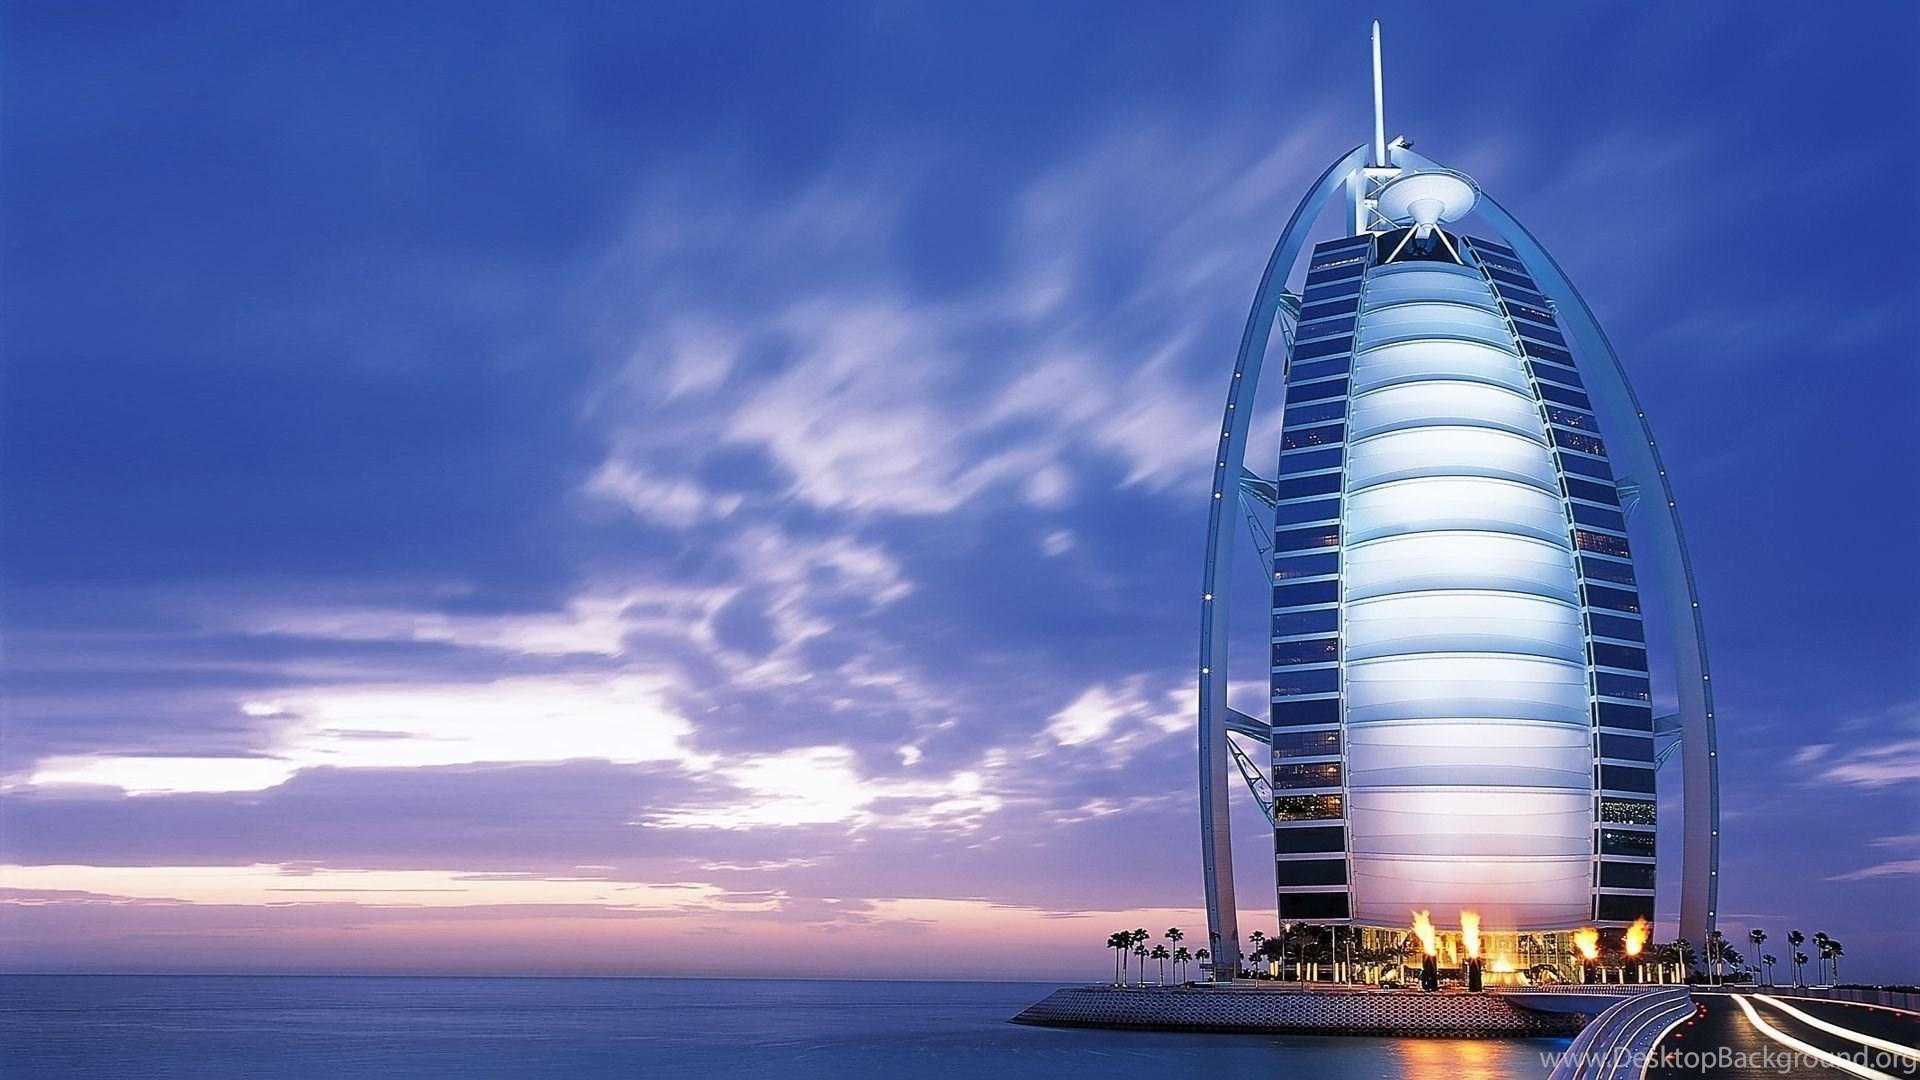 Jumeirah Beach Hotel Dubai Desktop Background Adorable wallpapers > earth > dubai wallpapers widescreen (40 wallpapers). jumeirah beach hotel dubai desktop